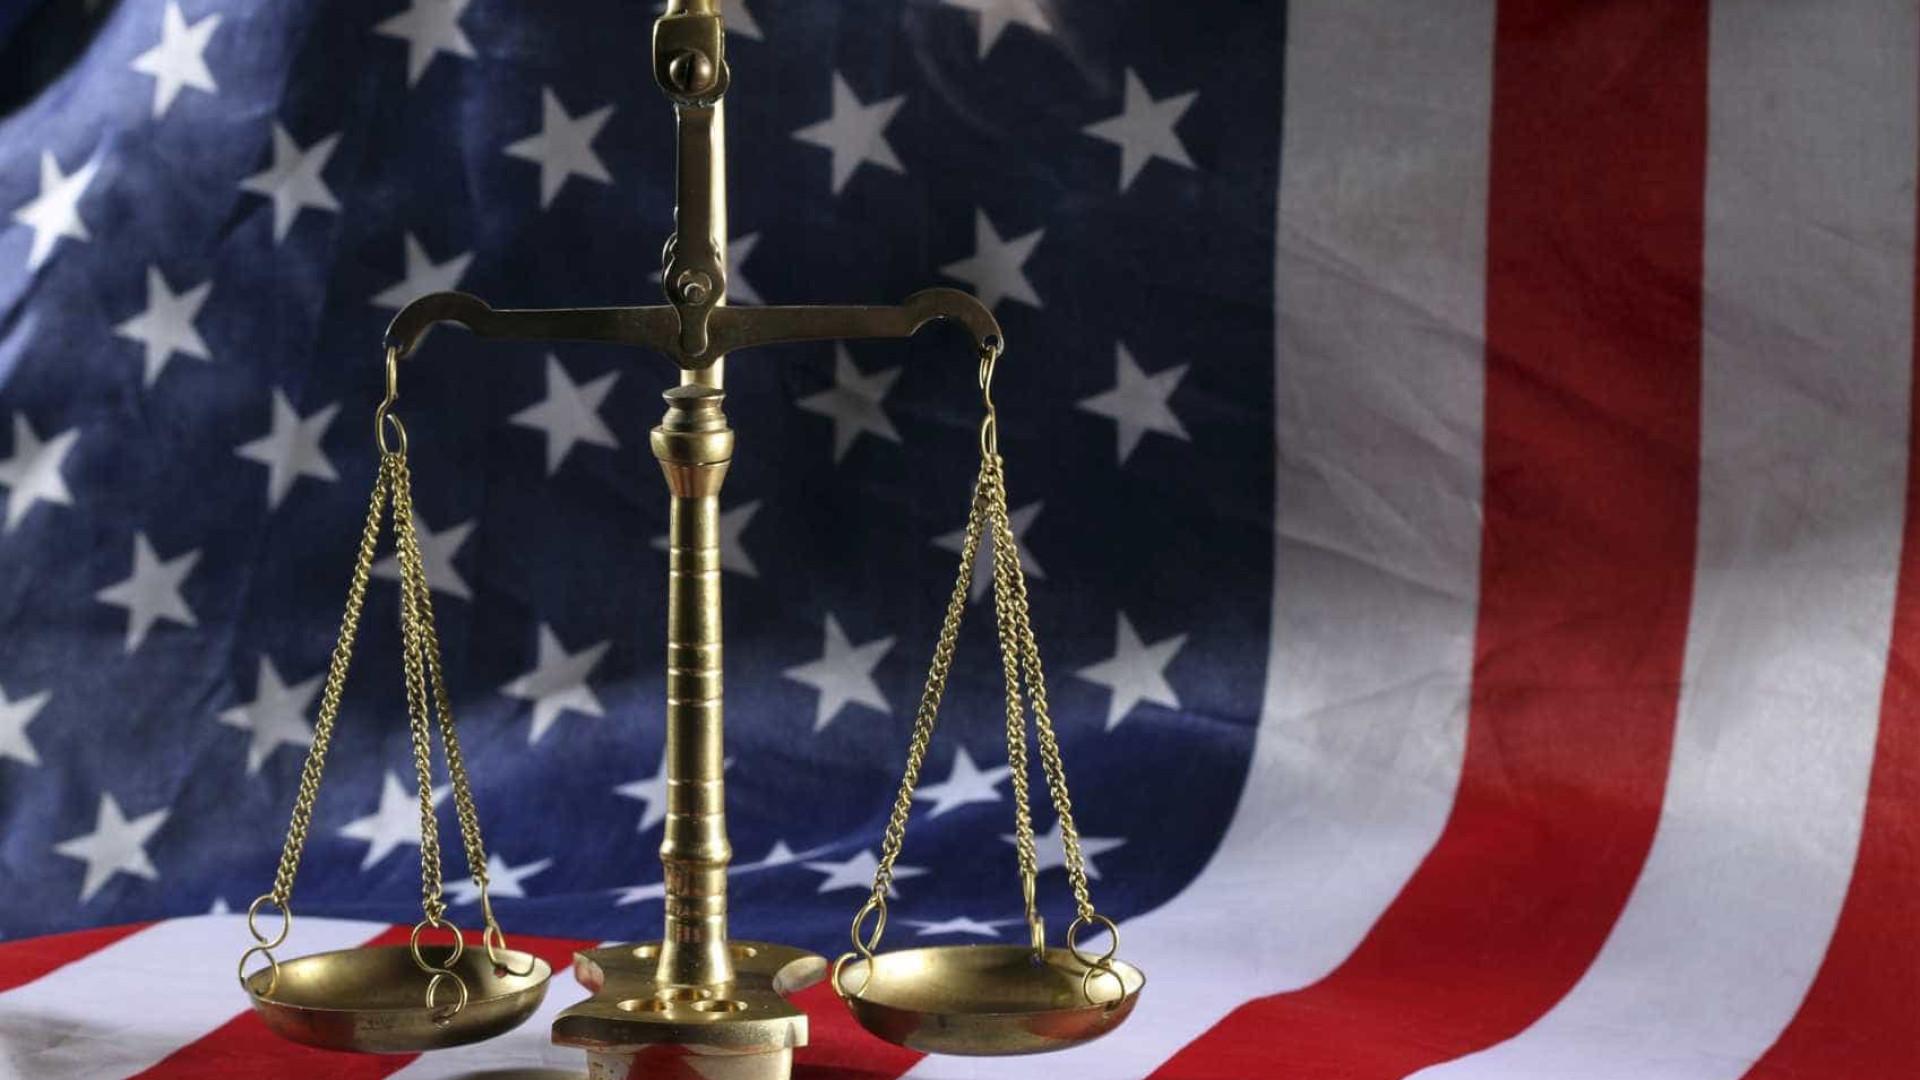 Acusado de violação mostrou pénis a jurados para provar inocência